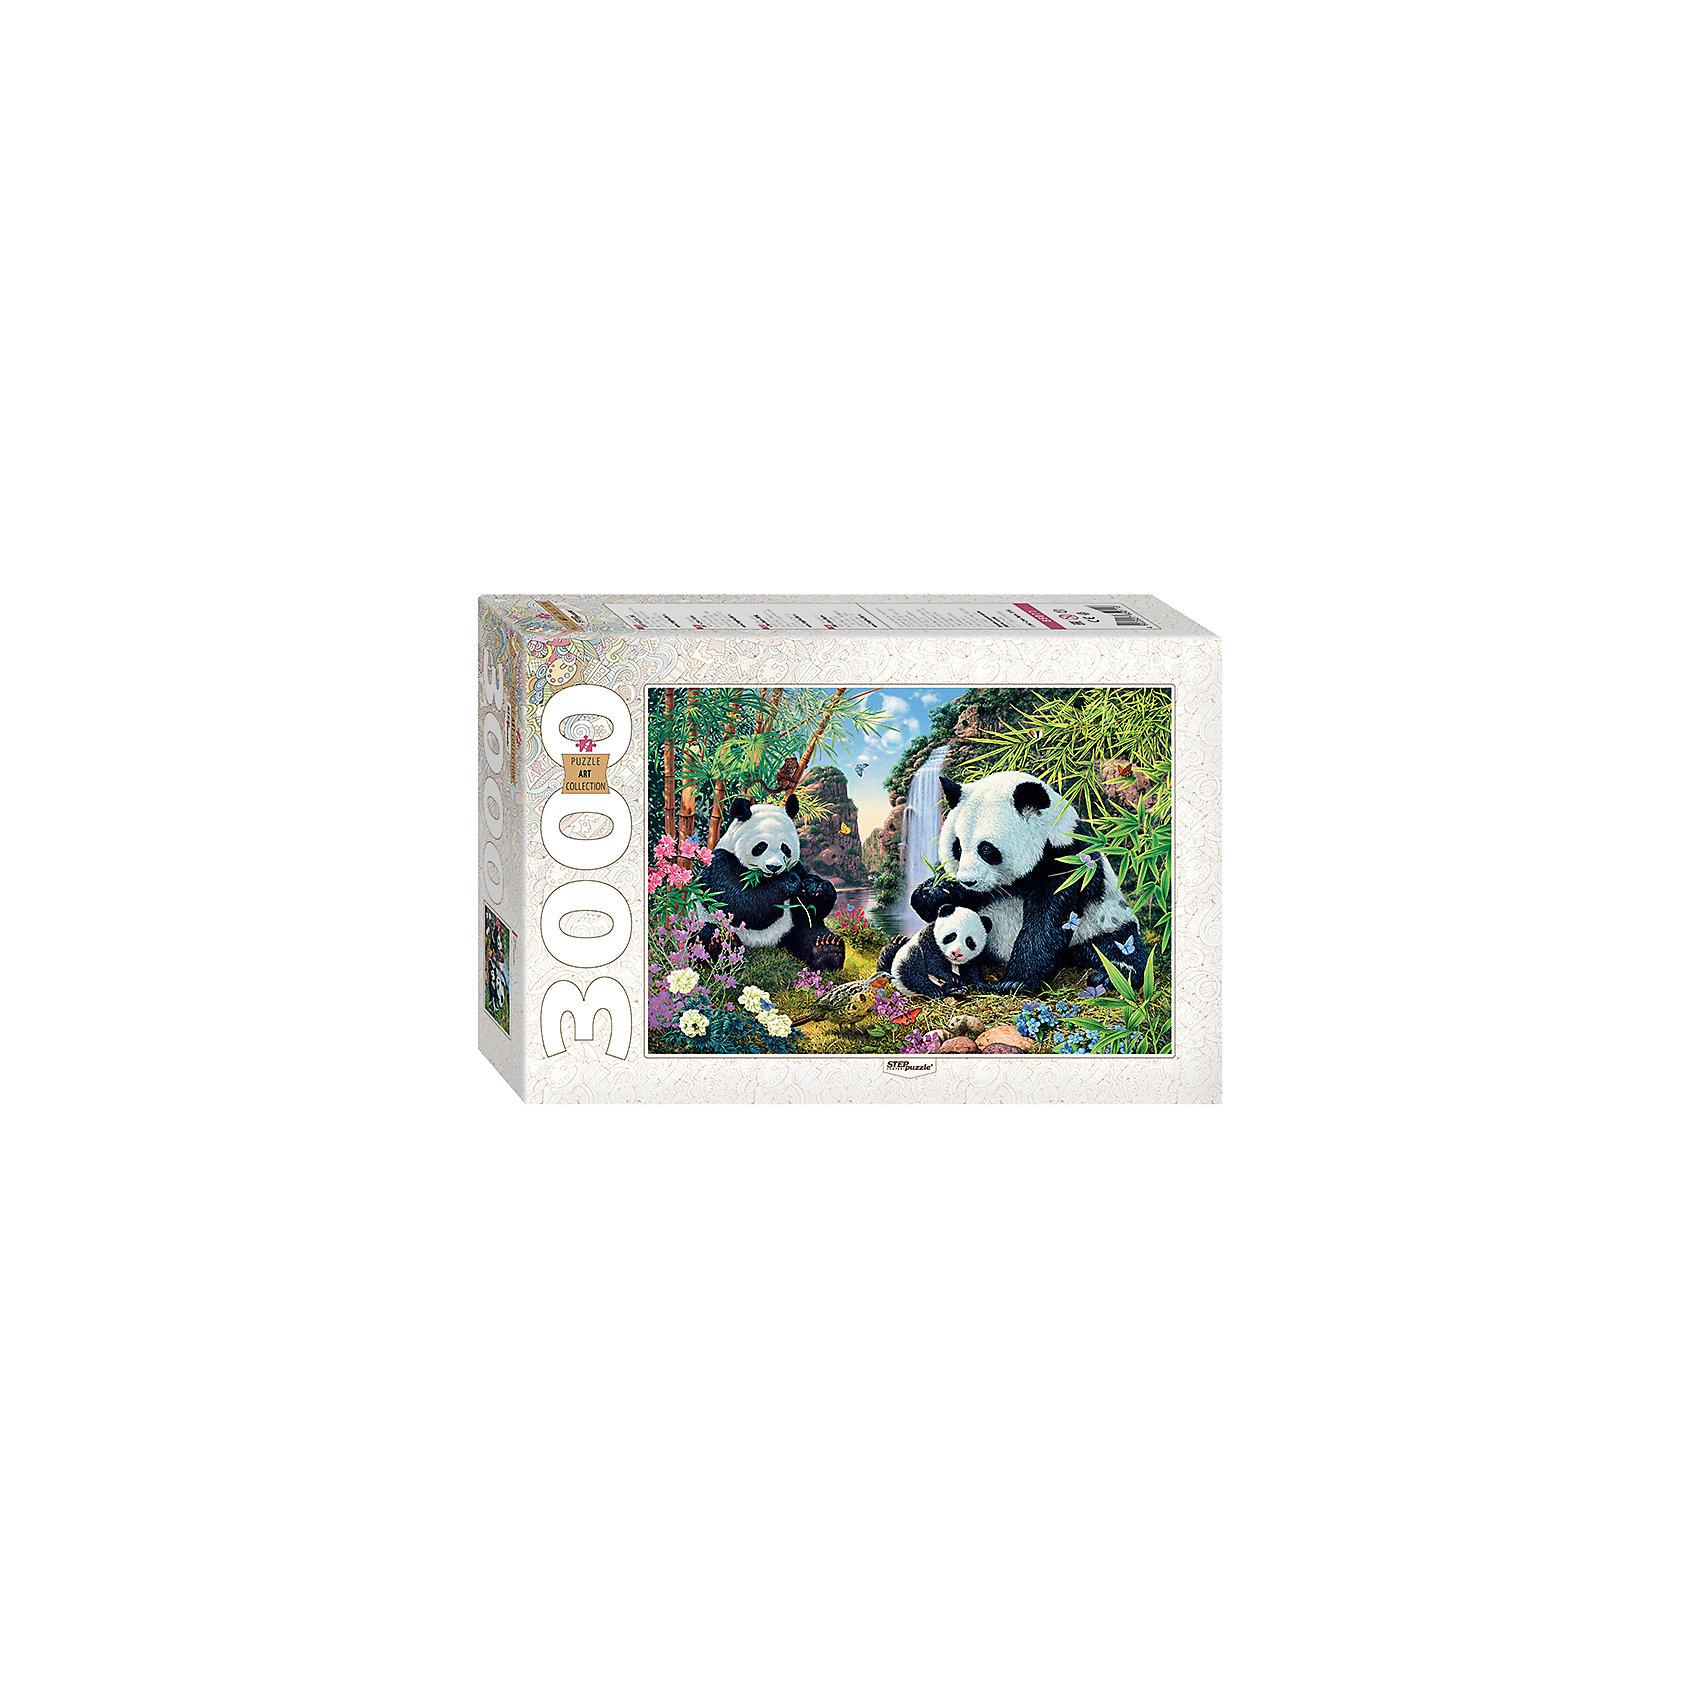 Пазл Панды, 3000 деталей, Step PuzzleКлассические пазлы<br>Характеристики товара:<br><br>- цвет: разноцветный;<br>- материал: картон;<br>- деталей: 3000;<br>- высокая точность подгонки элементов;<br>- отличное качество печати;<br>- упаковка: коробка.<br><br>Собирать пазлы любят и дети, и взрослые! Это занятие может не только позволять весело проводить время, но и помогать всестороннему развитию ребенка. Изделие представляет собой детали, из которых нужно собрать очень красивую картинку. Все детали отлично проработаны, готовое изображение можно даже зафиксировать на бумаге и украсить им интерьер!<br>Собирание пазлов поможет формированию разных навыков, оно помогает развить тактильное восприятие, мелкую моторику, воображение, внимание и логику. Изделие произведено из качественных материалов, безопасных для ребенка. Набор станет отличным подарком детям!<br><br>Пазл Панды, 3000 деталей, от бренда Step Puzzle можно купить в нашем интернет-магазине.<br><br>Ширина мм: 400<br>Глубина мм: 270<br>Высота мм: 85<br>Вес г: 2750<br>Возраст от месяцев: 84<br>Возраст до месяцев: 180<br>Пол: Унисекс<br>Возраст: Детский<br>SKU: 5138185